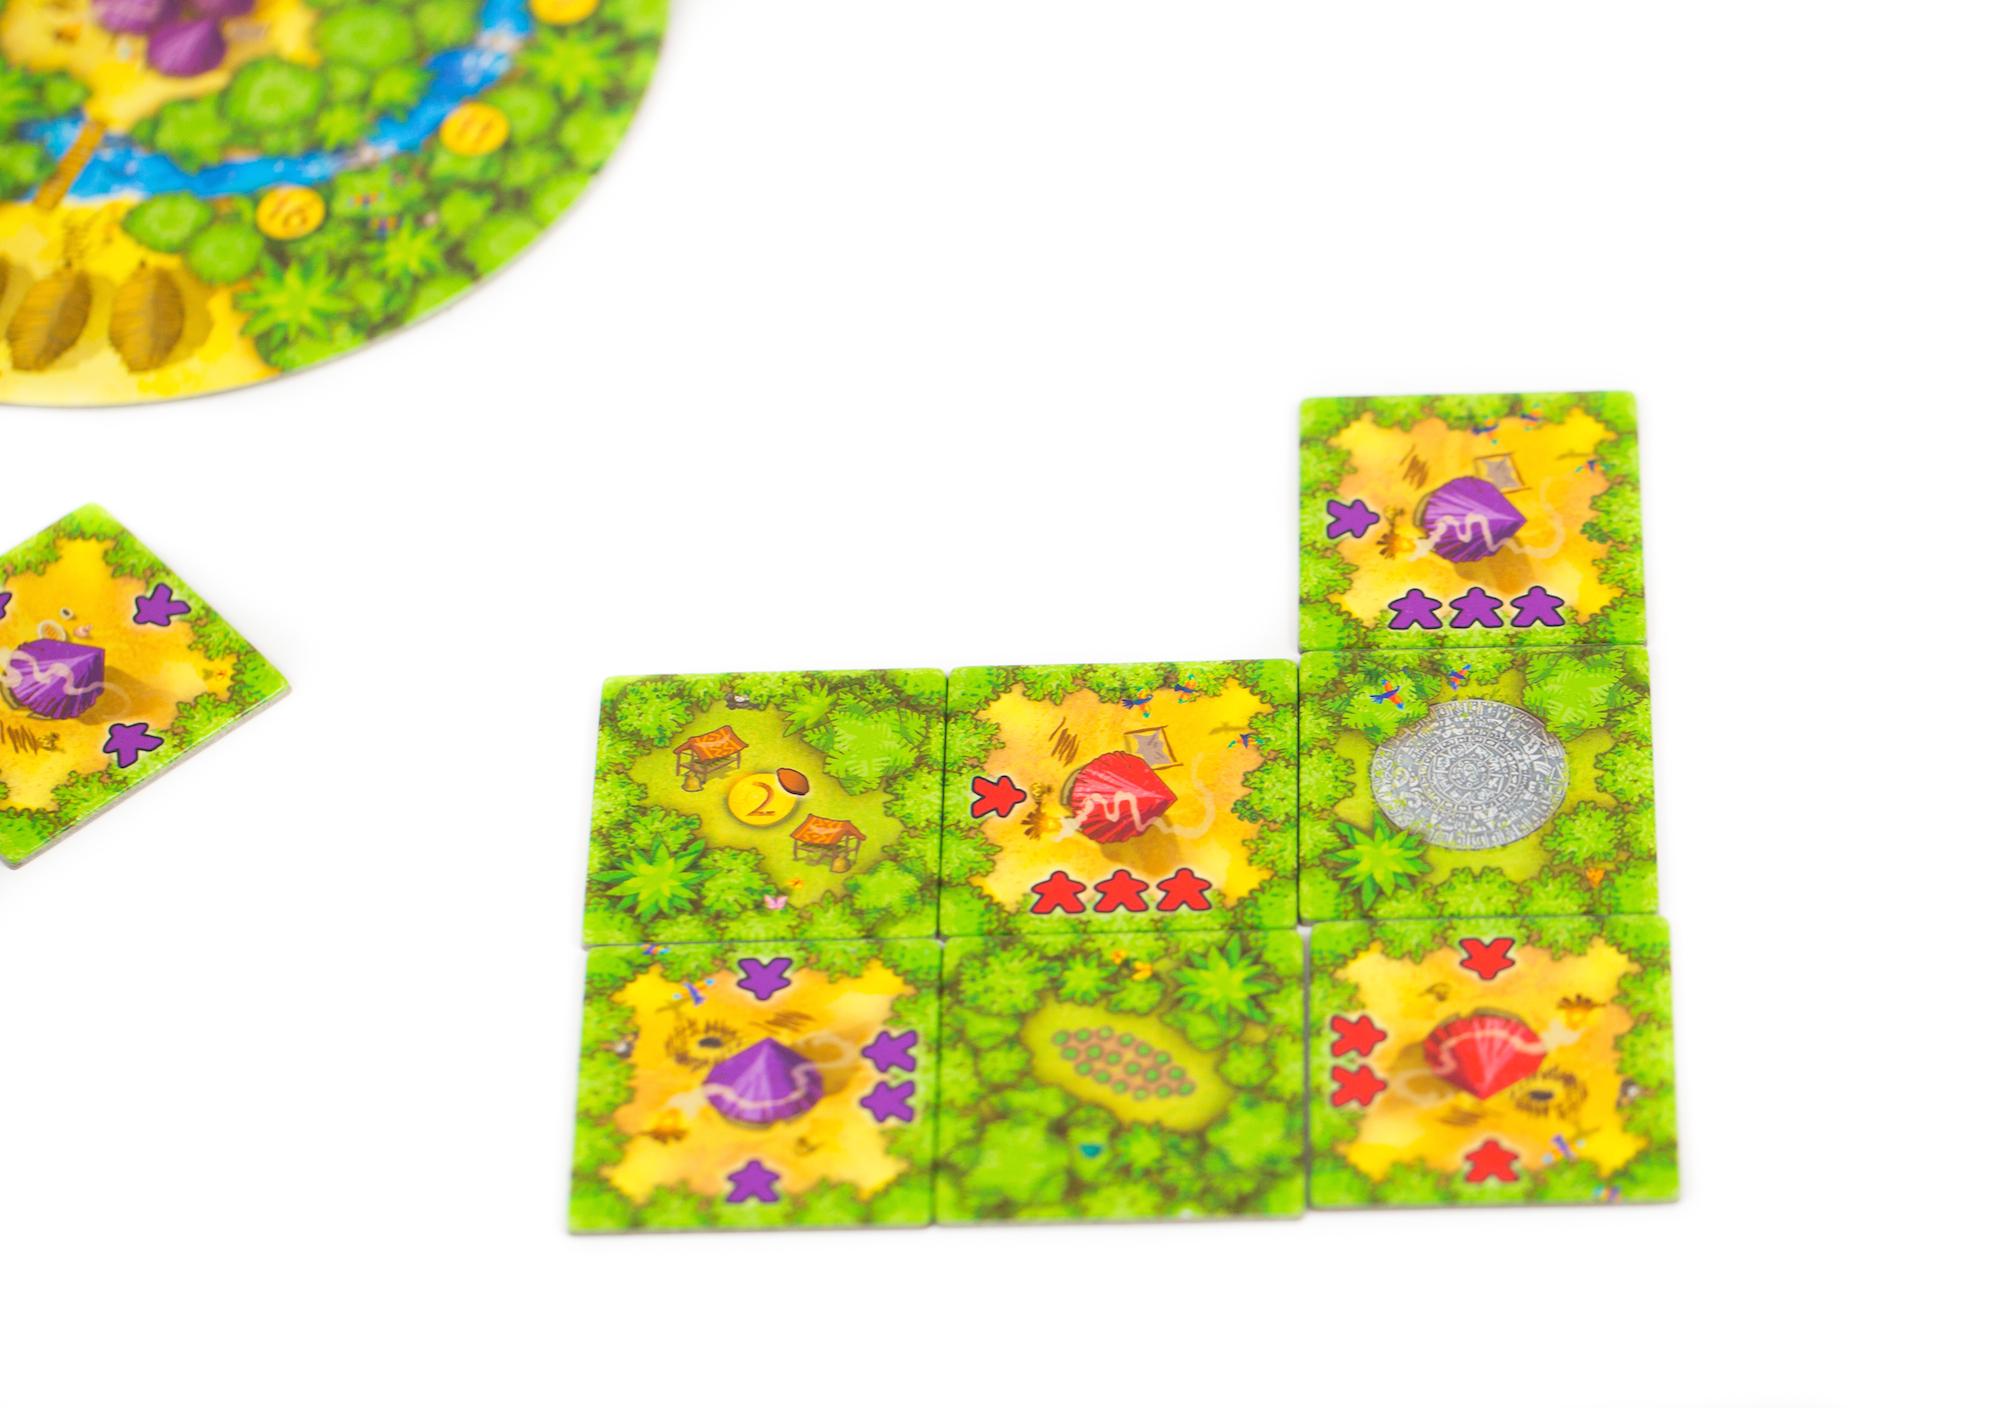 A lila játékos letett egy munkáslapkát, így szomszédság alakult ki két munkáslapka között, ekkor a közöttük lévő helyet dzsungellapkával kell feltölteni.